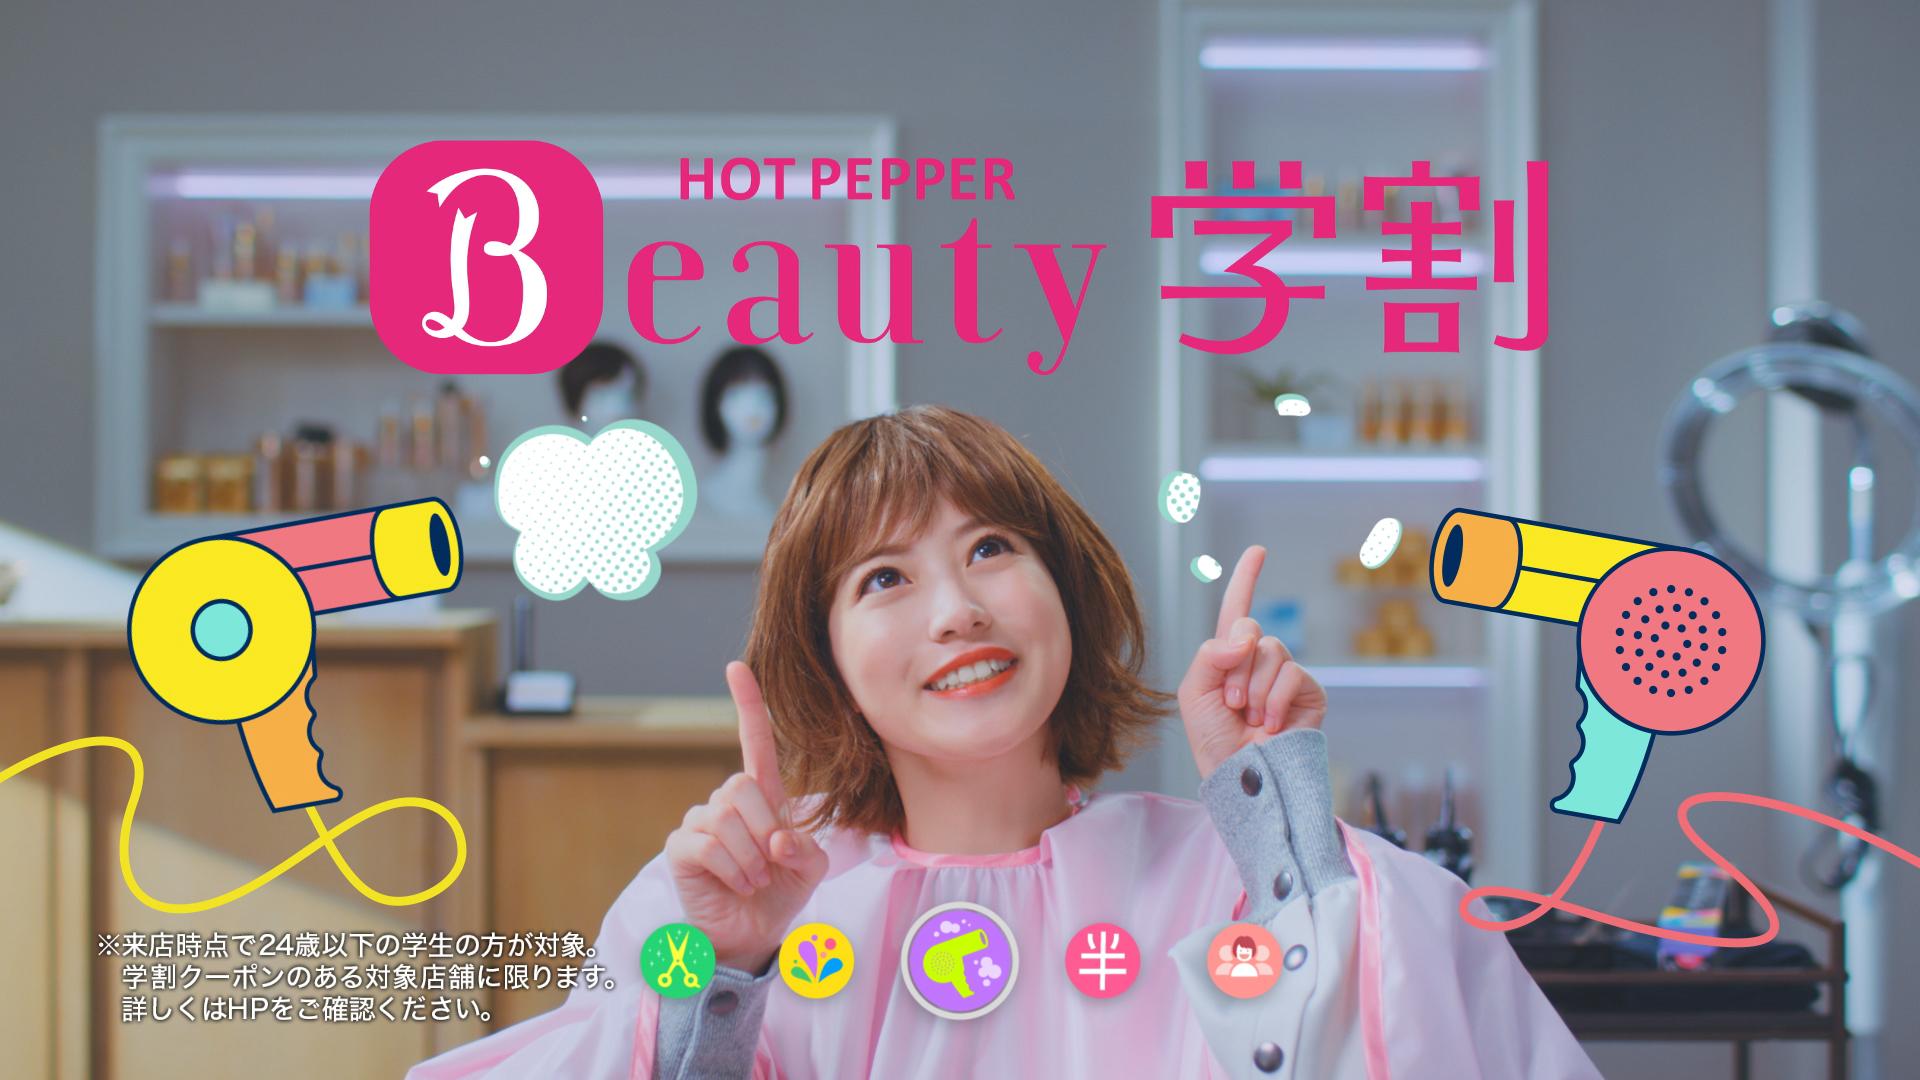 今田美桜(いまだ みお)/『ホットペッパービューティー』CM